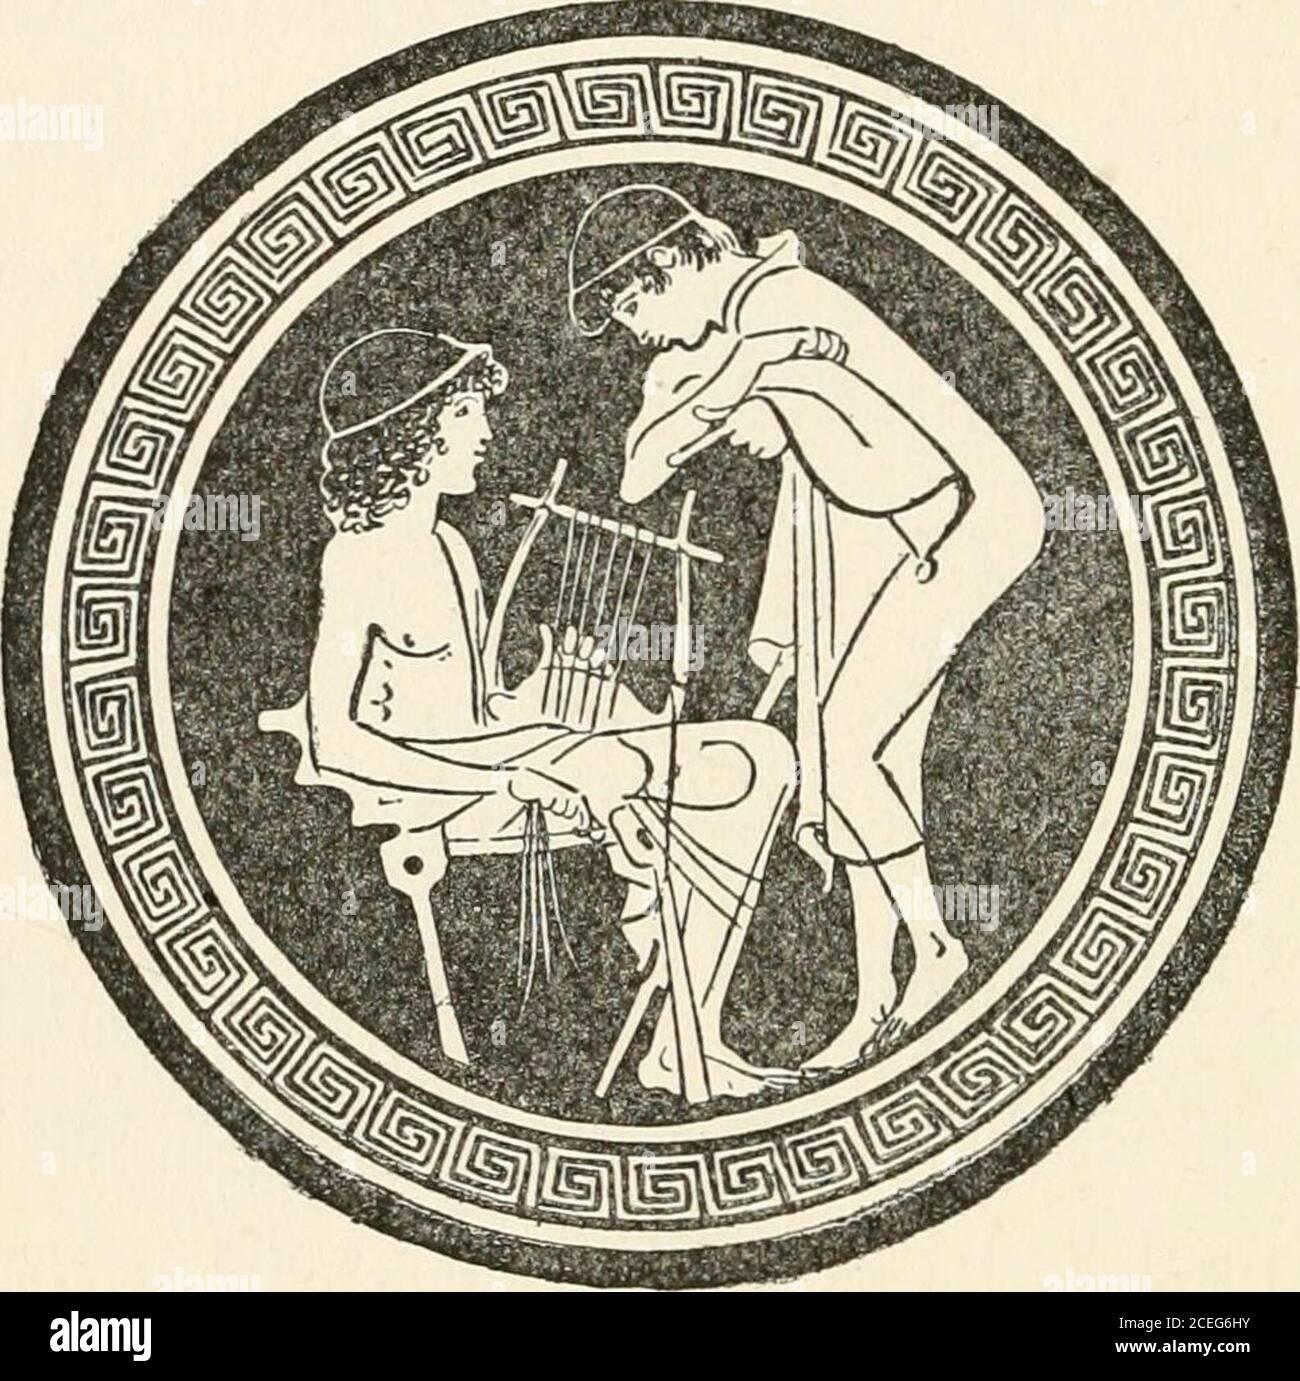 . Hommes de la vieille Grèce, par Jennie Hall. Ils ont fait le troop dans différentes chambres. Oh, c'était un grand jour pour Socrates! Rocmtcx C tout était neuf et magnifique. Je n'ai pas eu une chambre avec plusieurs autres petits bouées. Ils étaient assis sur de longs bancs de pierre autour des côtés de la chambre. Sur le mur hunglyres et tibas. Un jeune homme s'est assis sur une chaise à l'avant. Mene avait un lyre sur son genou.Prenez vos lyres, a dit le professeur. Eaeli garçon a pris une lyre du mur. Theplectrum accroché à lui par un ruban. Socra-tes n'avait jamais tenu une lyre avant, mais il hadsouvent vu d'autres personnes les jouer. Alors, il hésite sur son genou et Banque D'Images